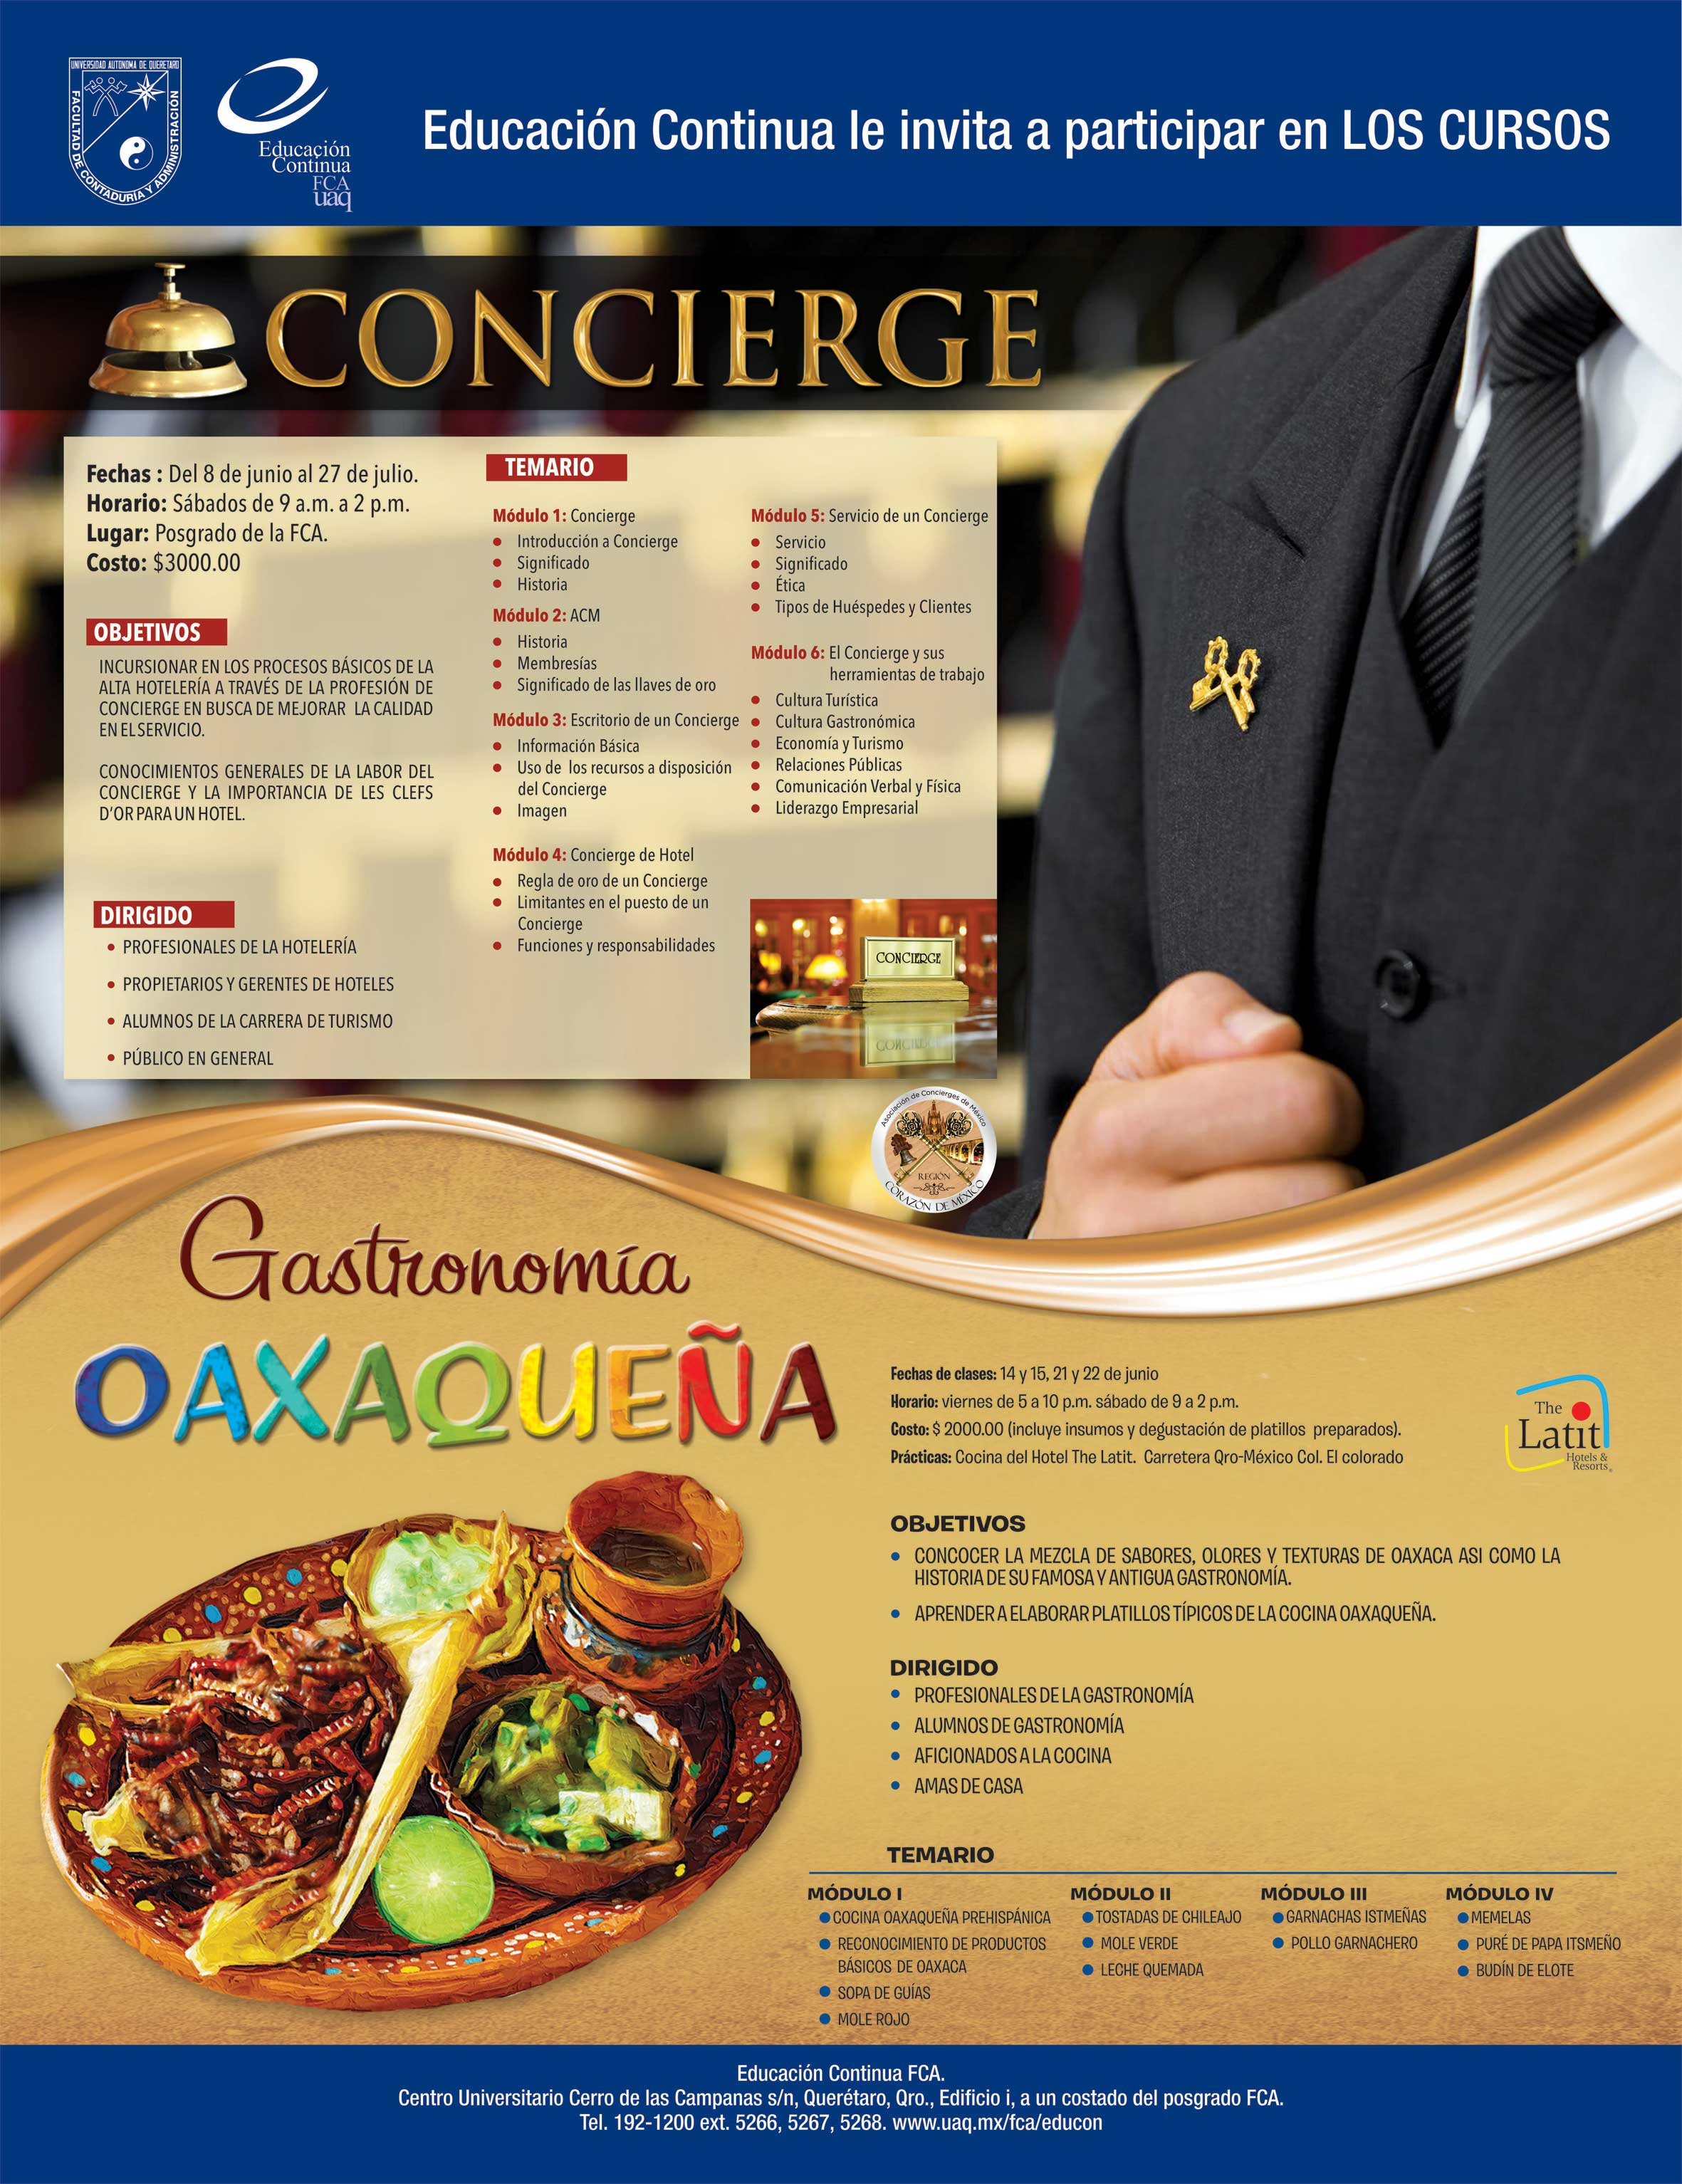 La UAQ invita a participar en los cursos: Concierge y Gastronomía Oaxaqueña